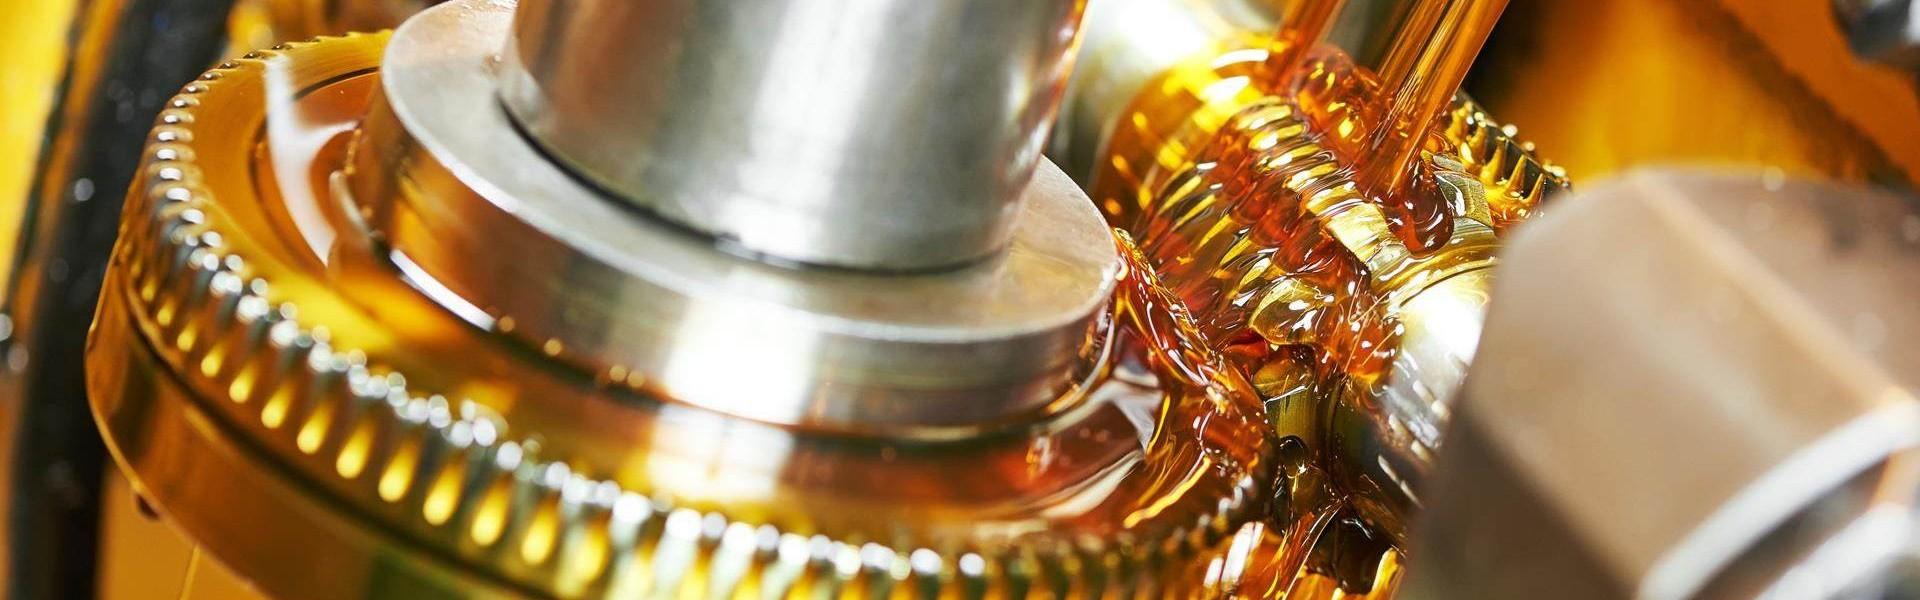 Купить редукторное масло